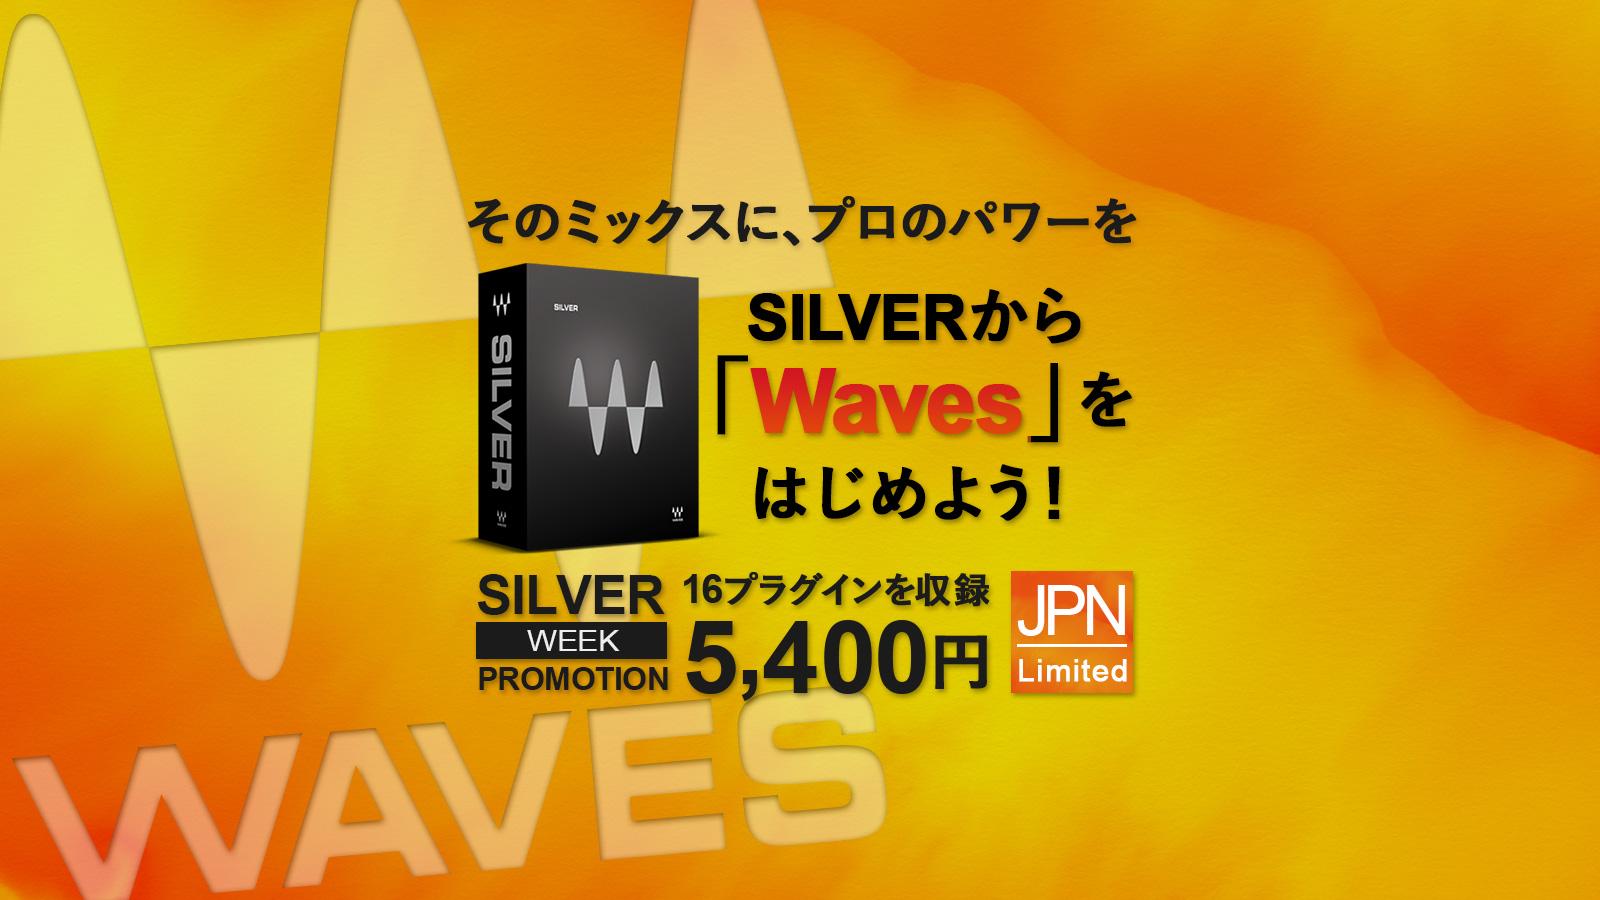 そのミックスに、プロのパワーを。 <br>Silverから「Waves」をはじめよう!